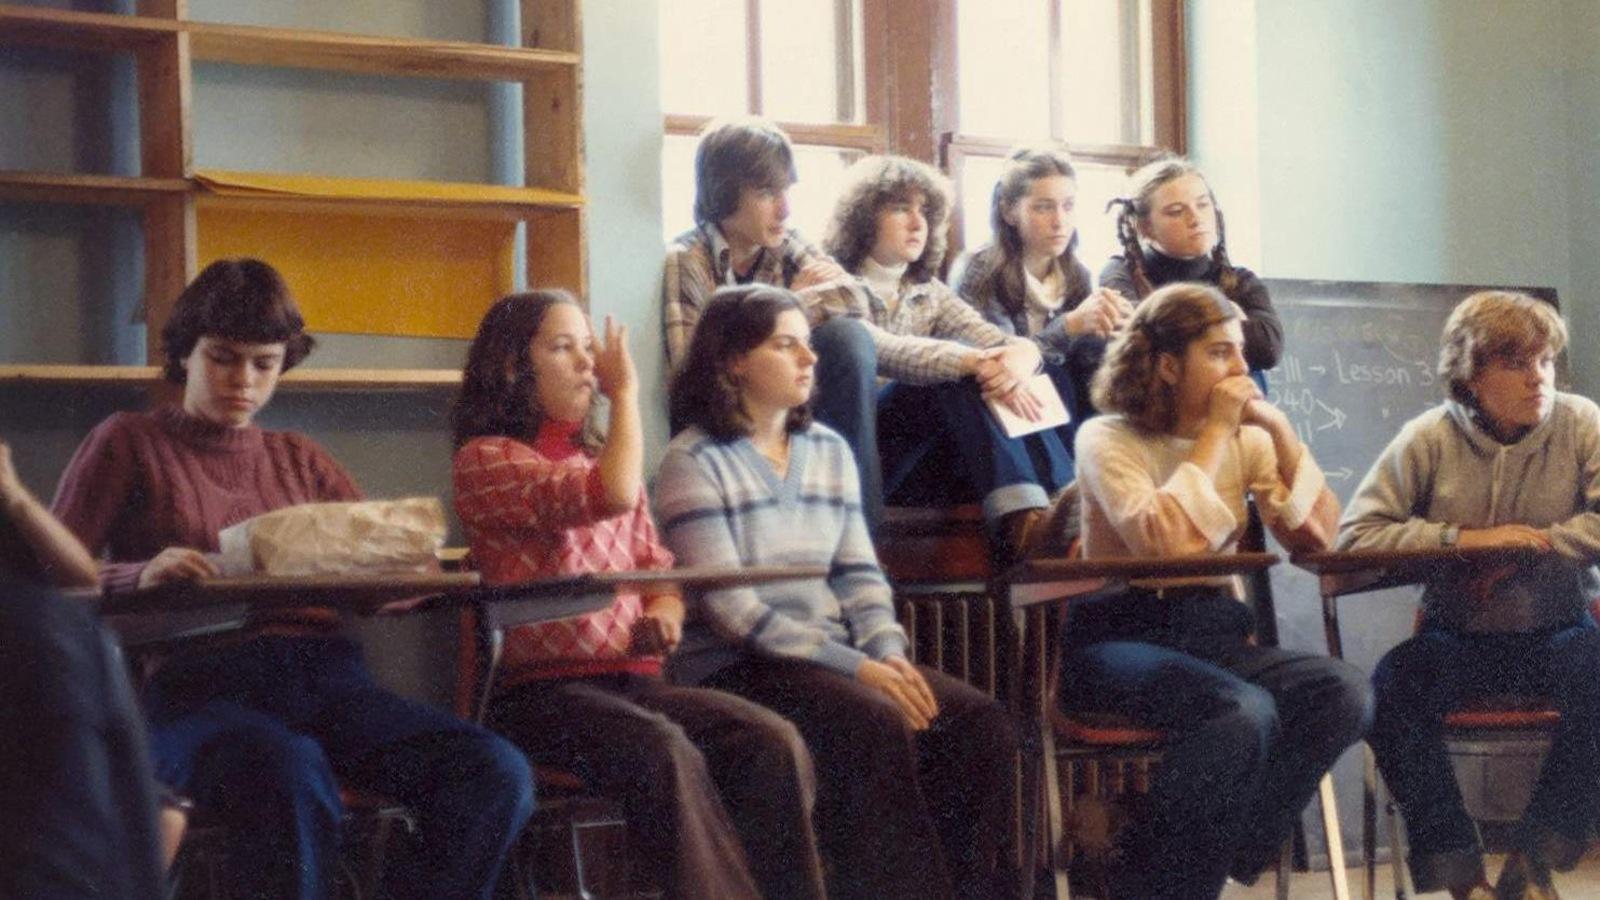 Des élèves sont assis et attentifs en classe.